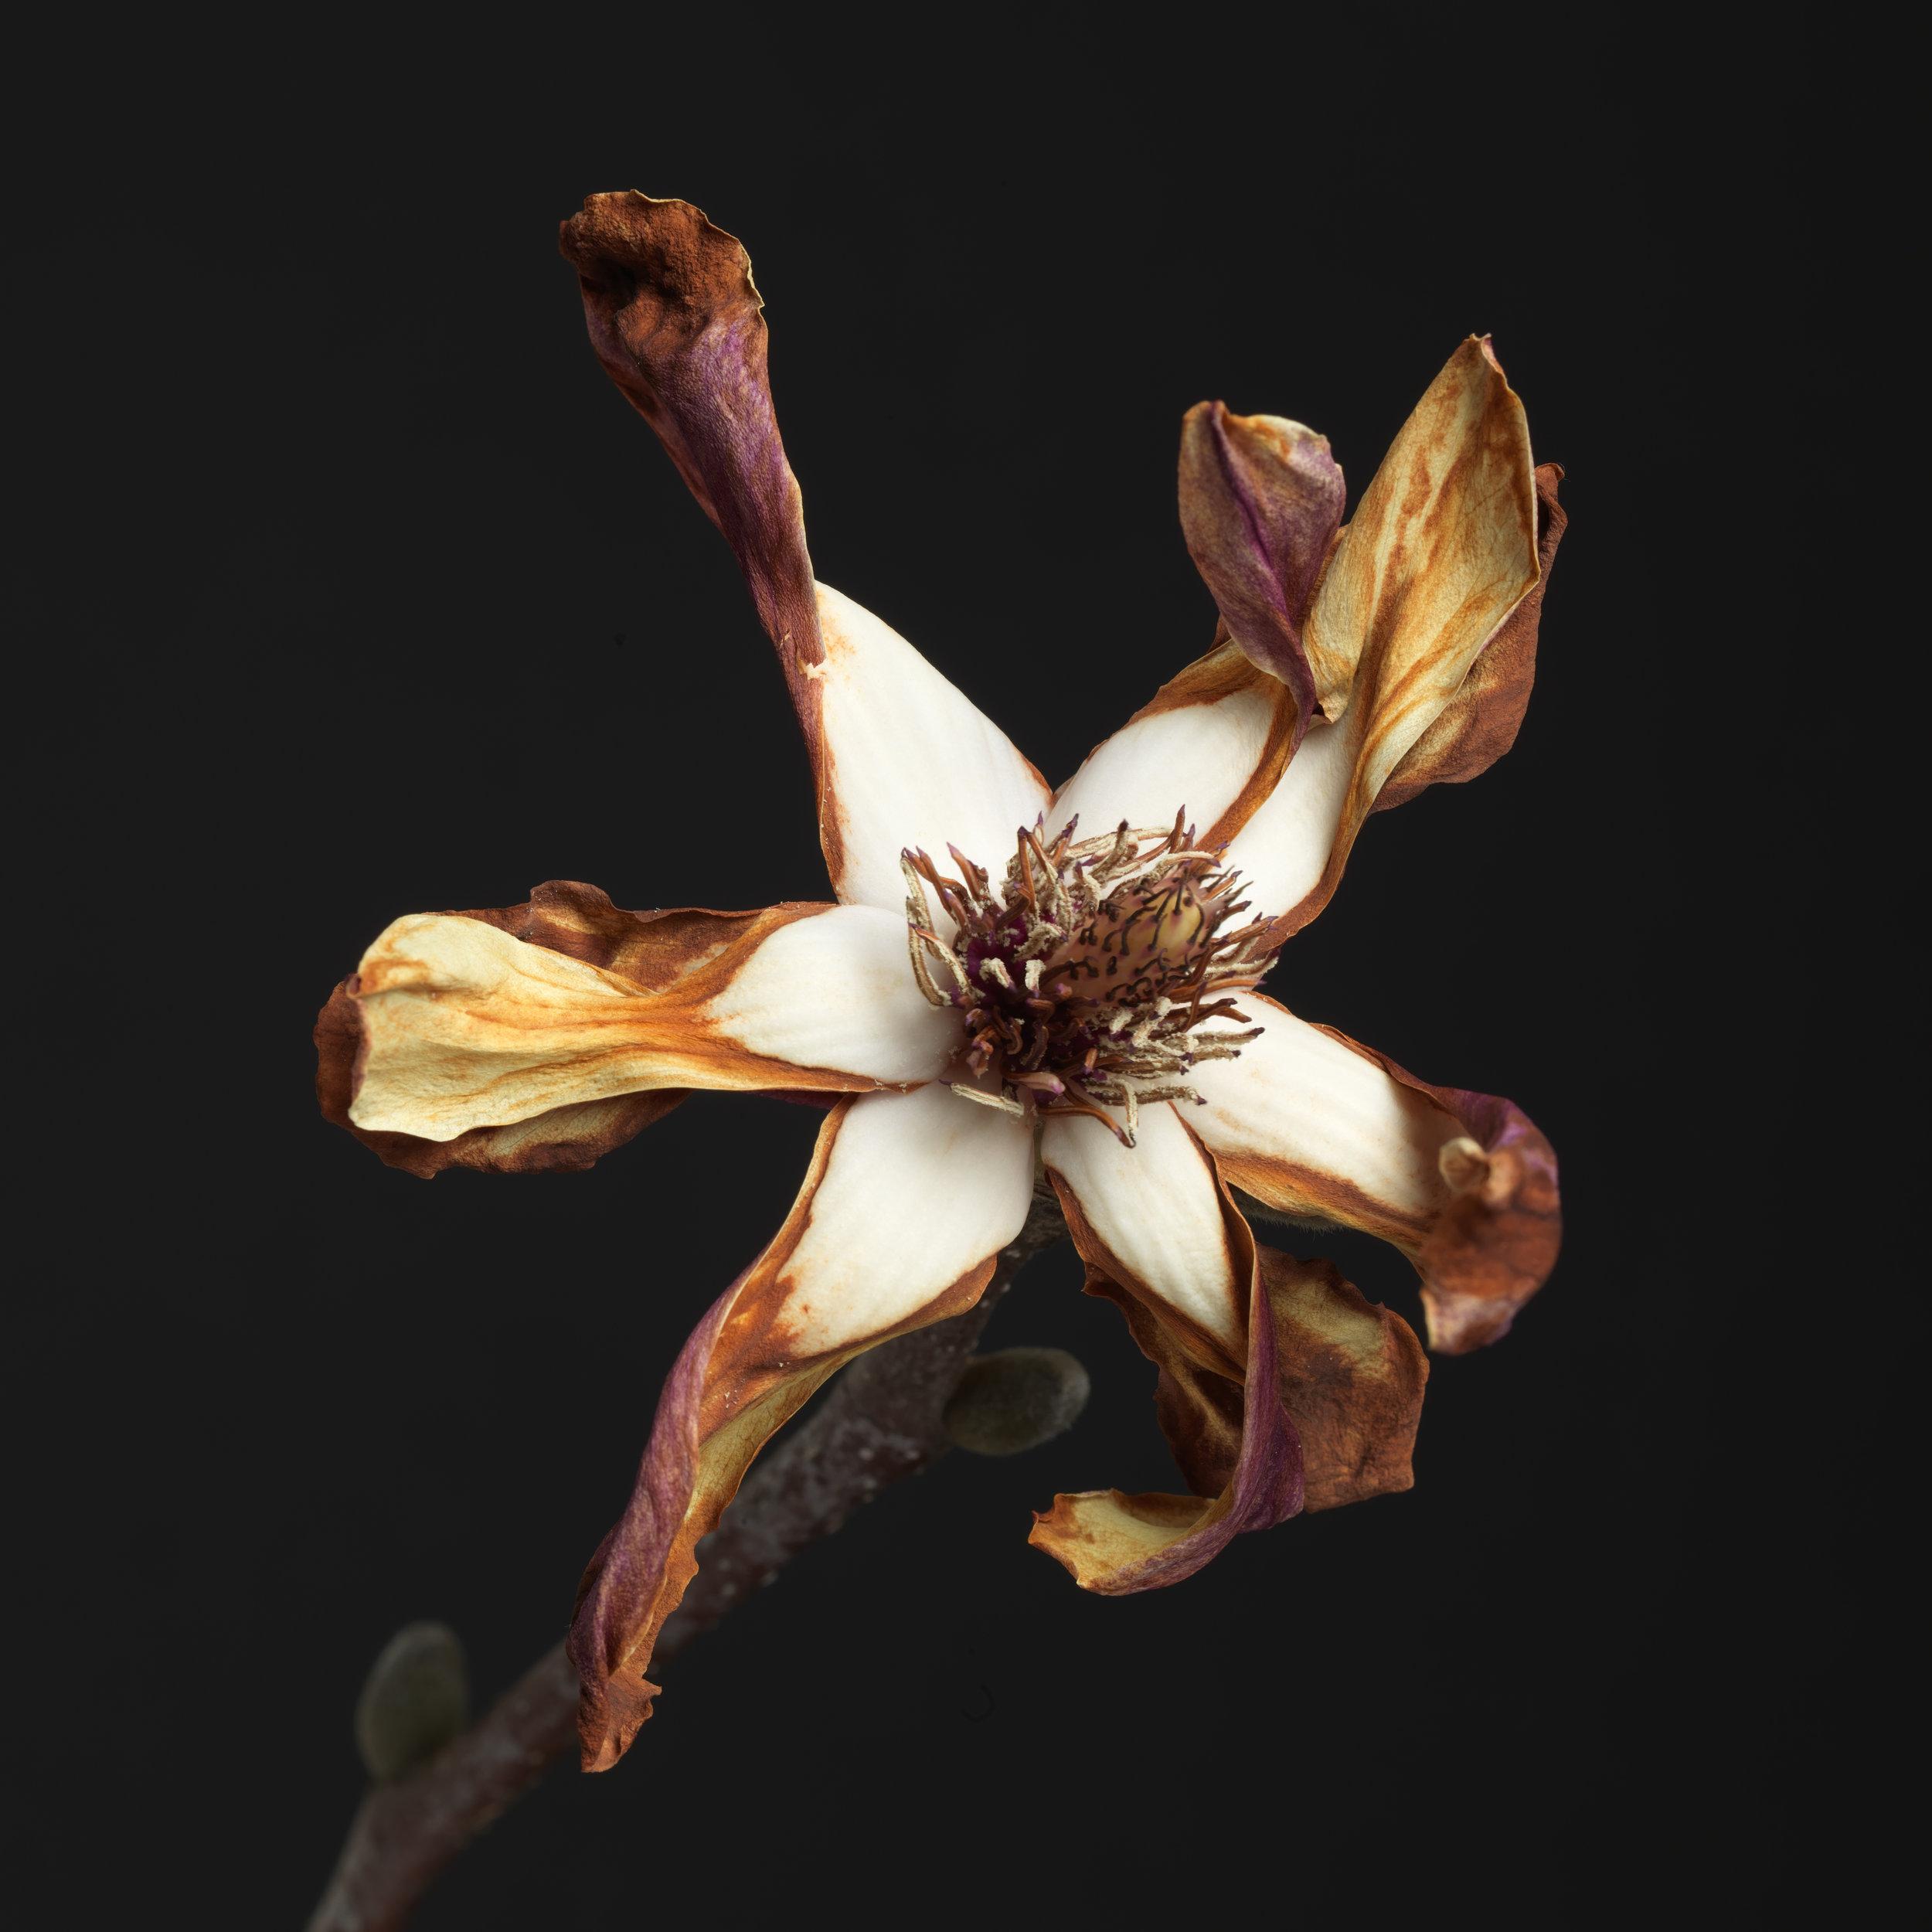 Magnolia #27